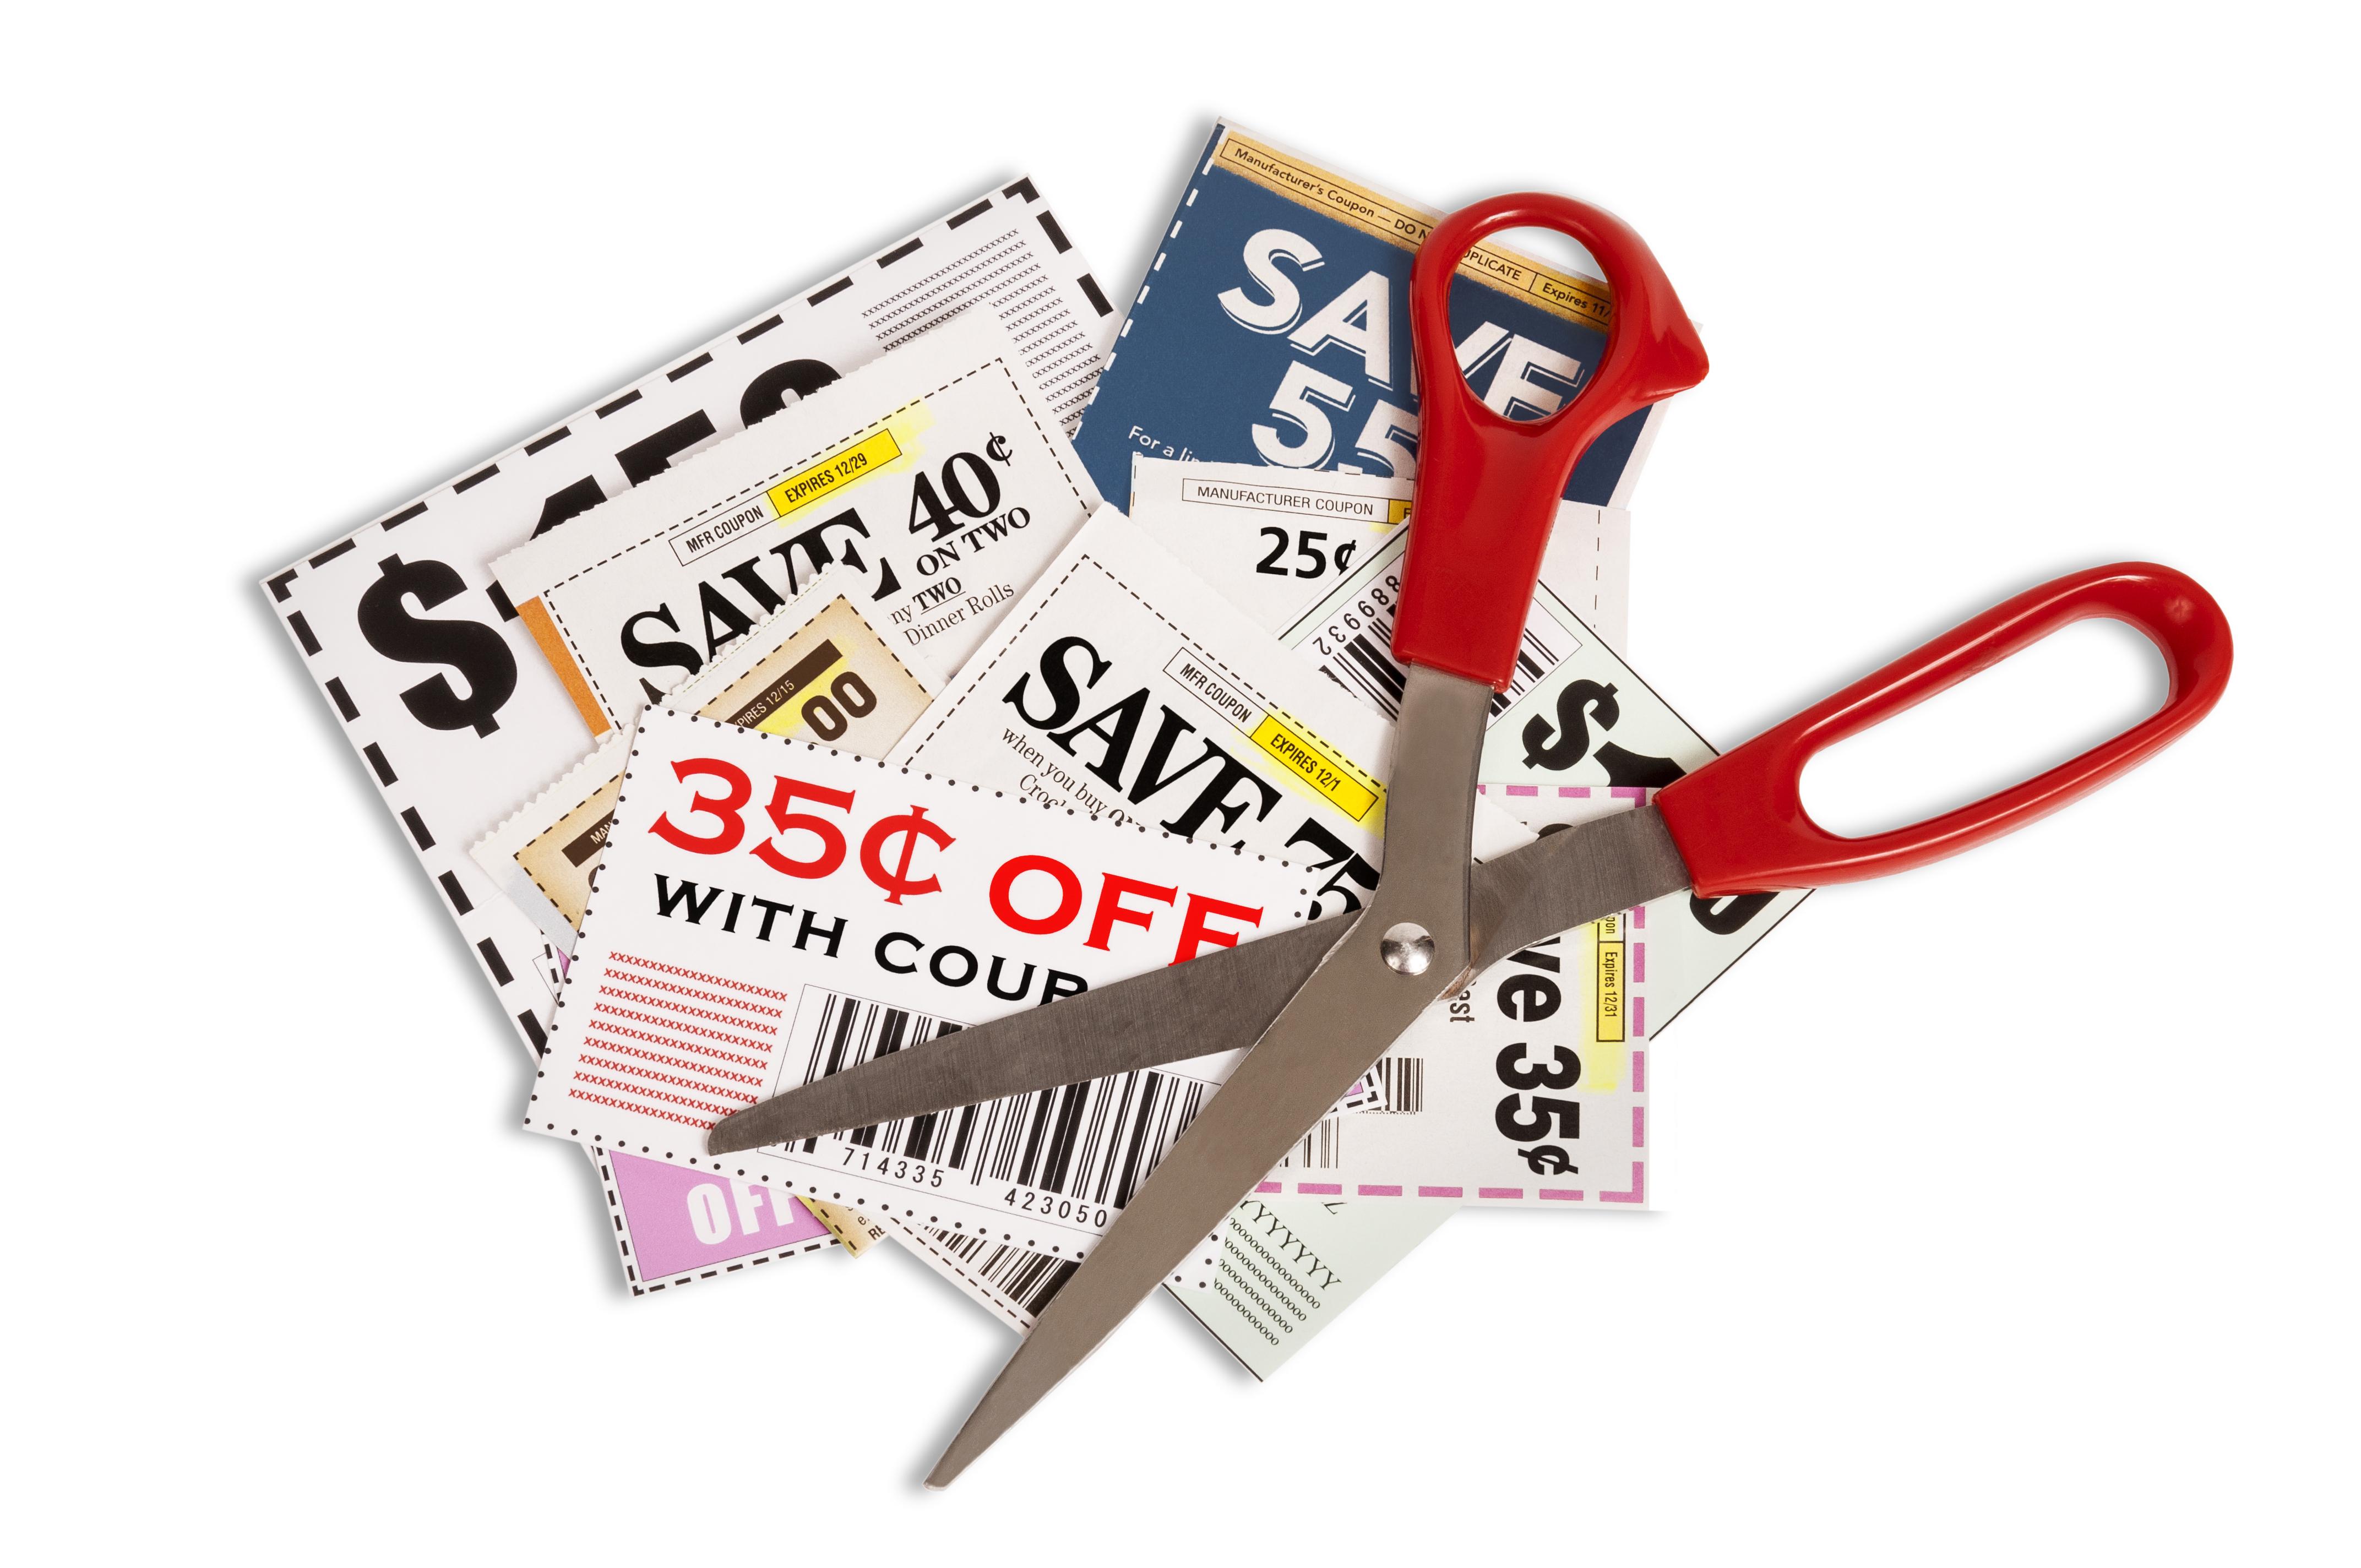 Schaar met coupons -